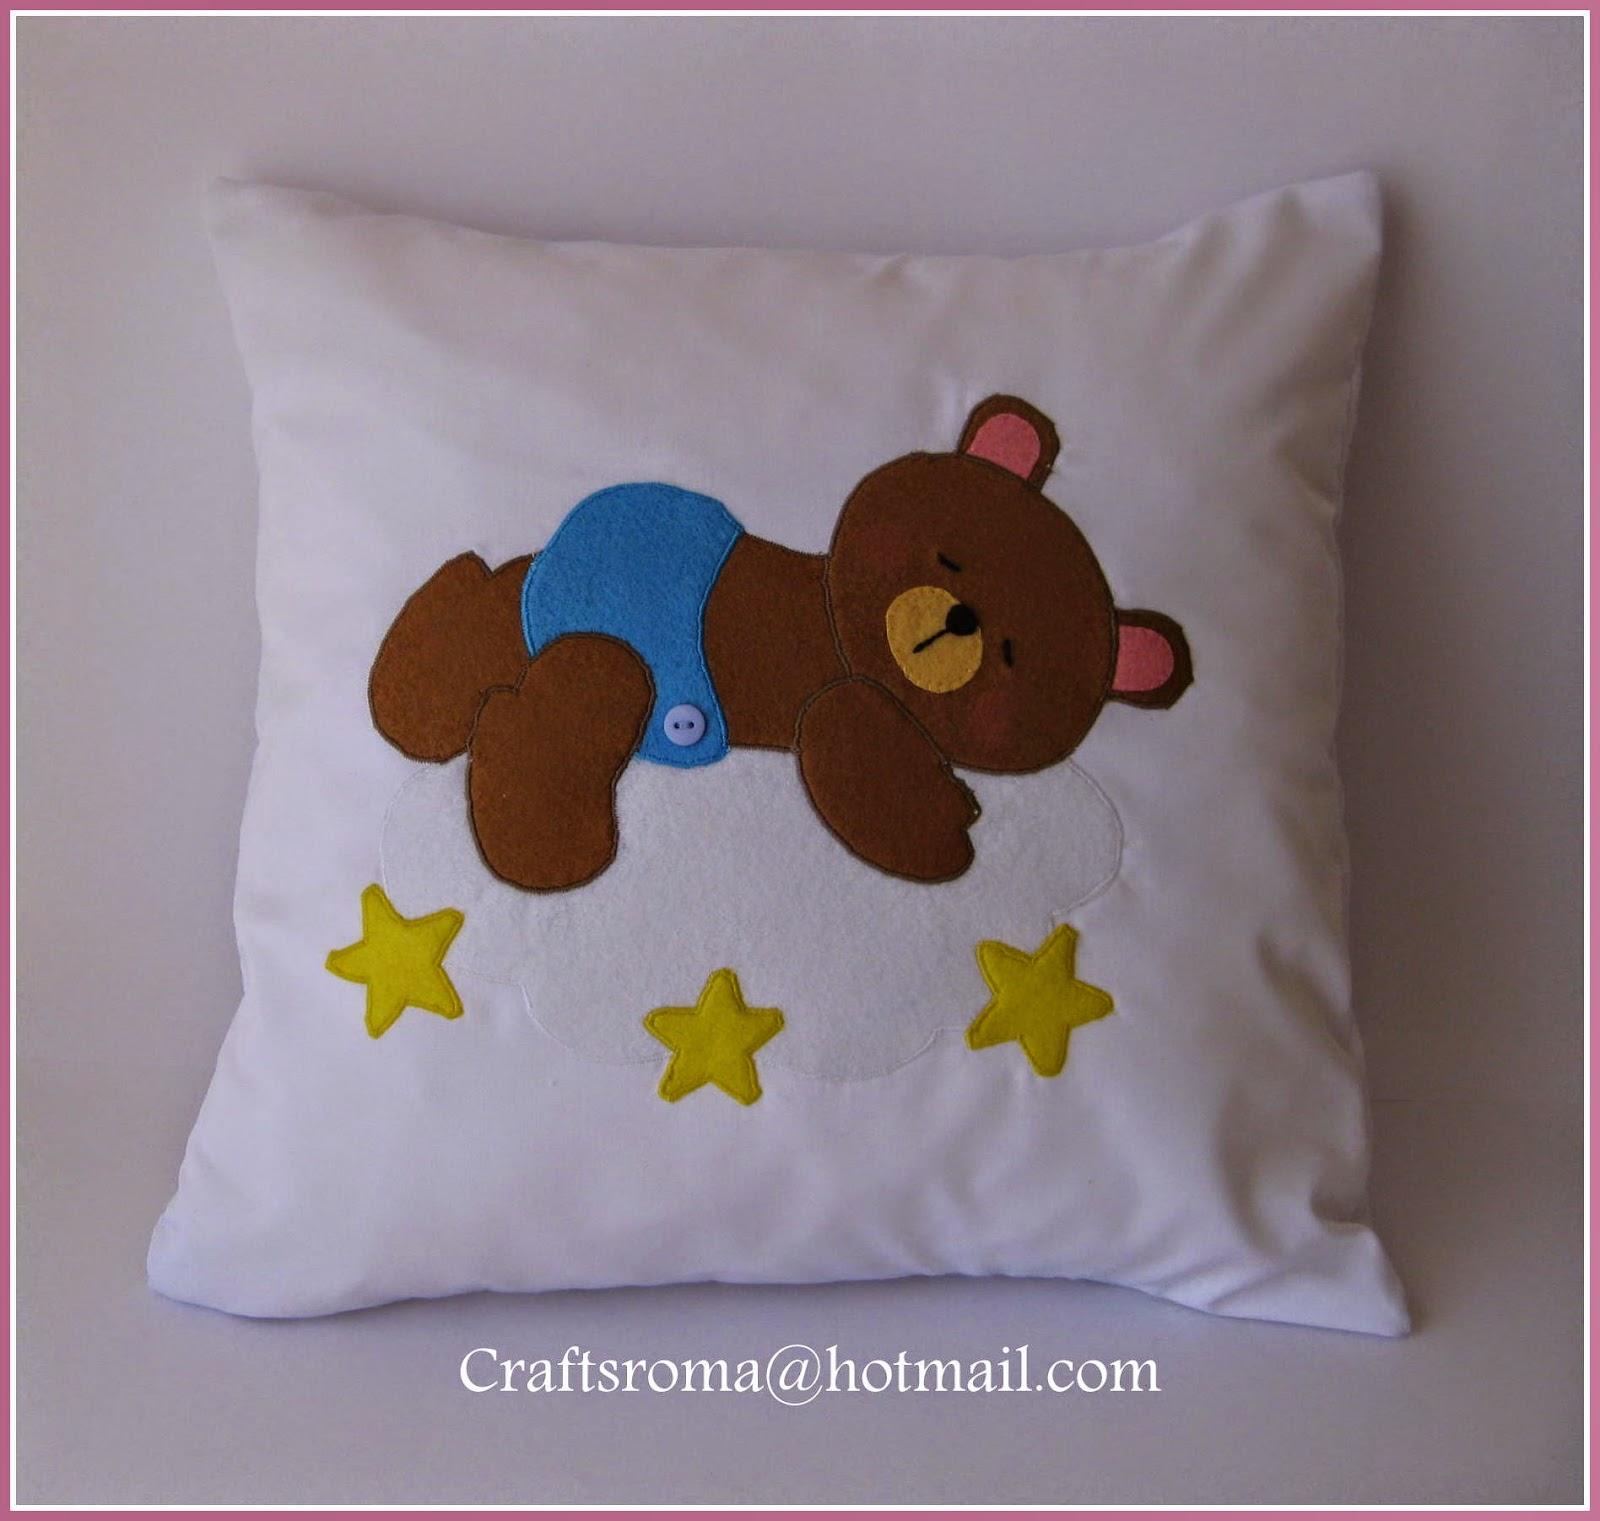 Crafts roma cojines personalizados para beb s - Cojines para bebes ...